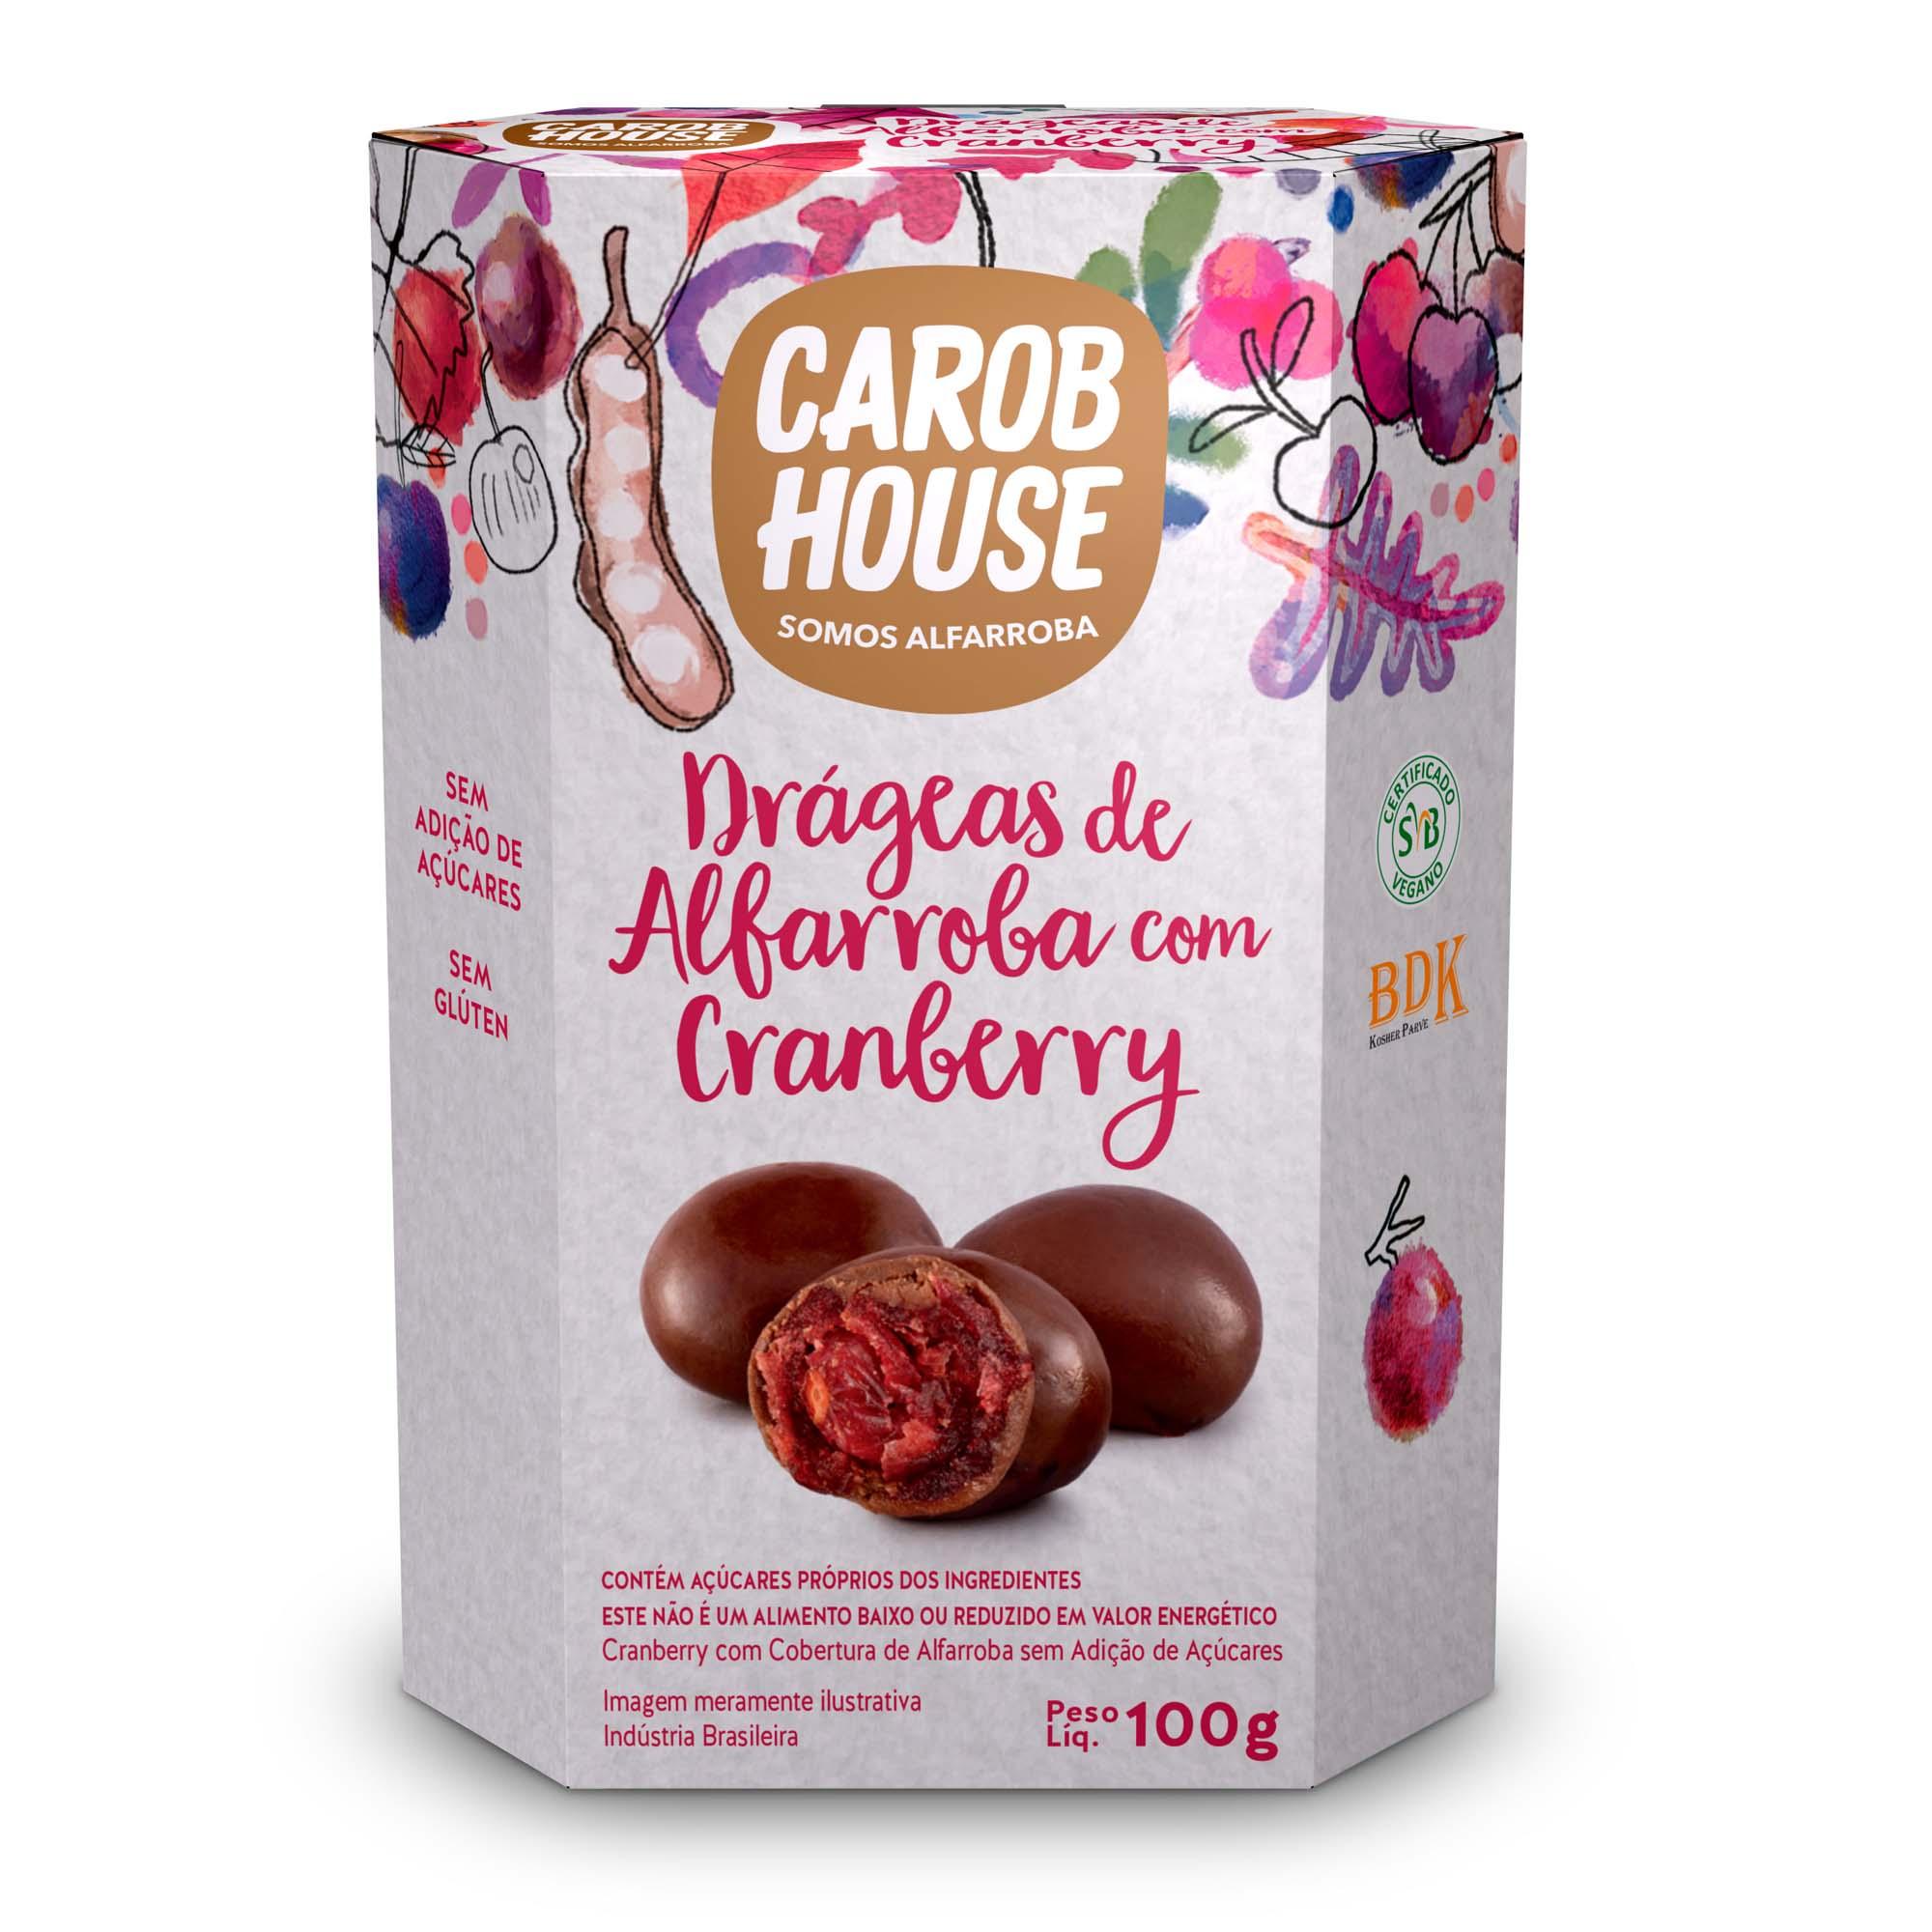 Drágeas de Alfarroba com Cranberry Sem Açúcar 72g - Carob House